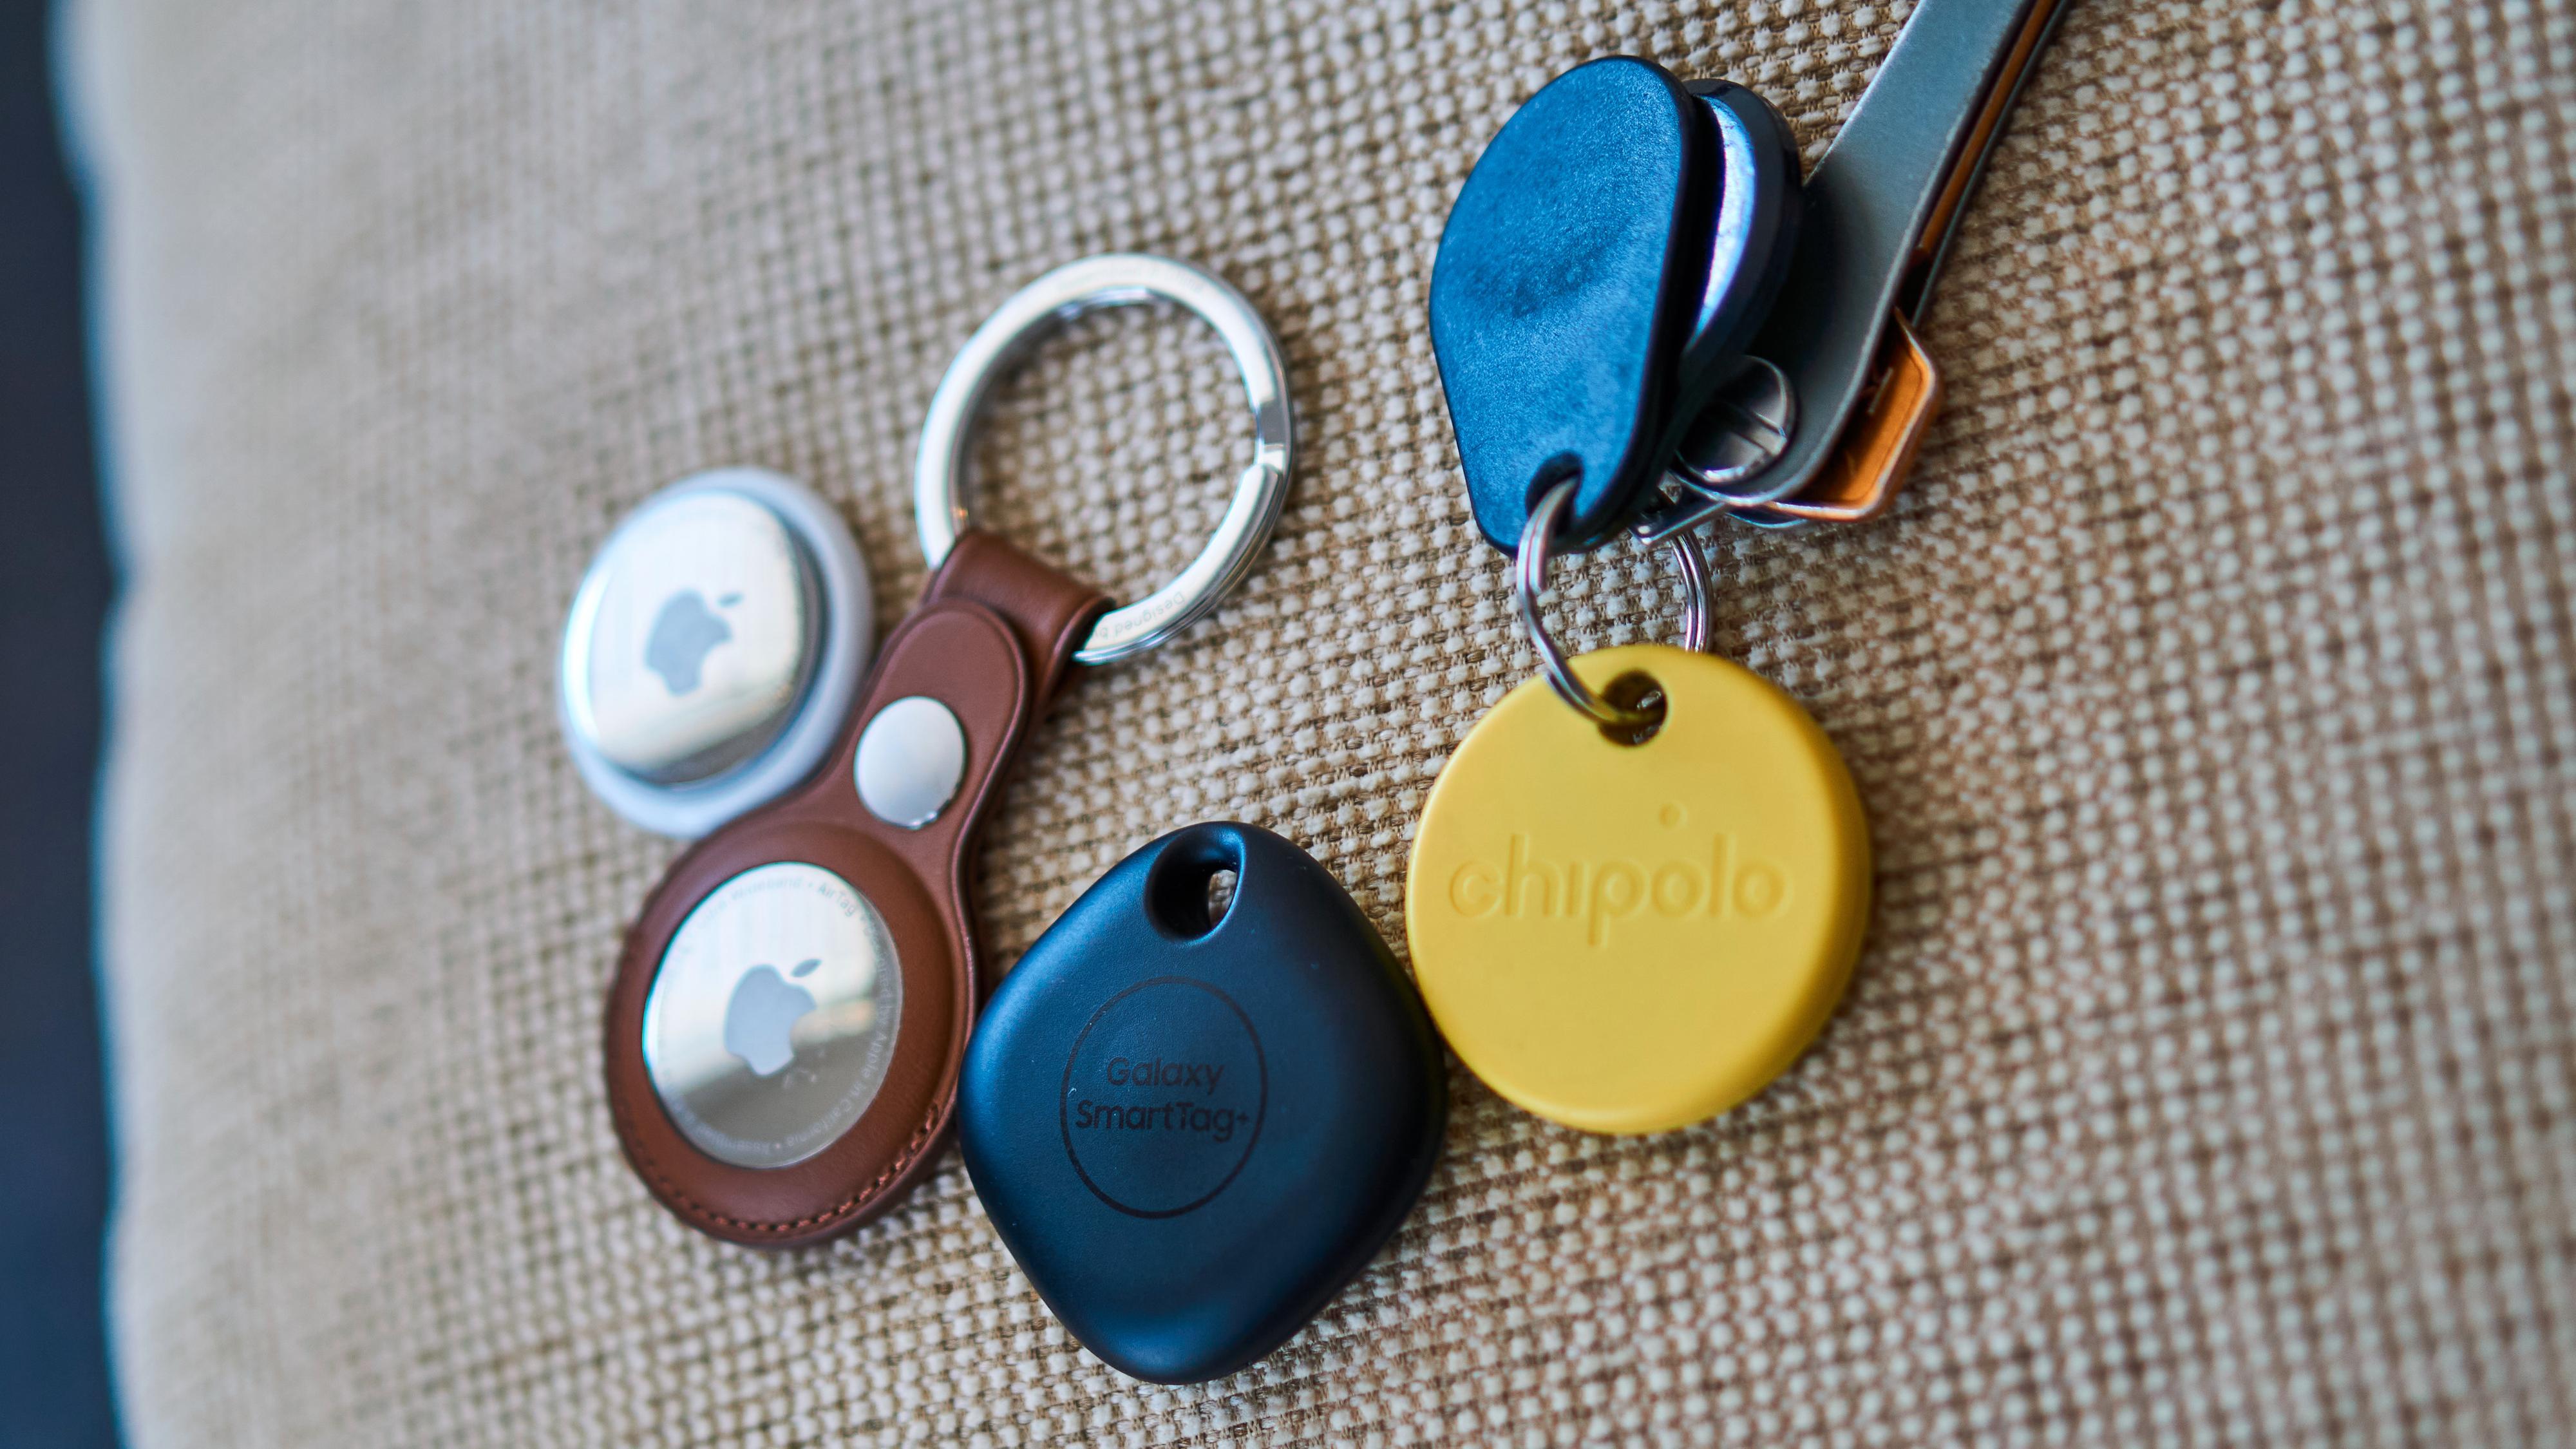 Fra venstre: Apple AirTag, Apple AirTag med nødvendig holder for festing på ting, Samsung Galaxy SmartTag+ og Chipolo One.